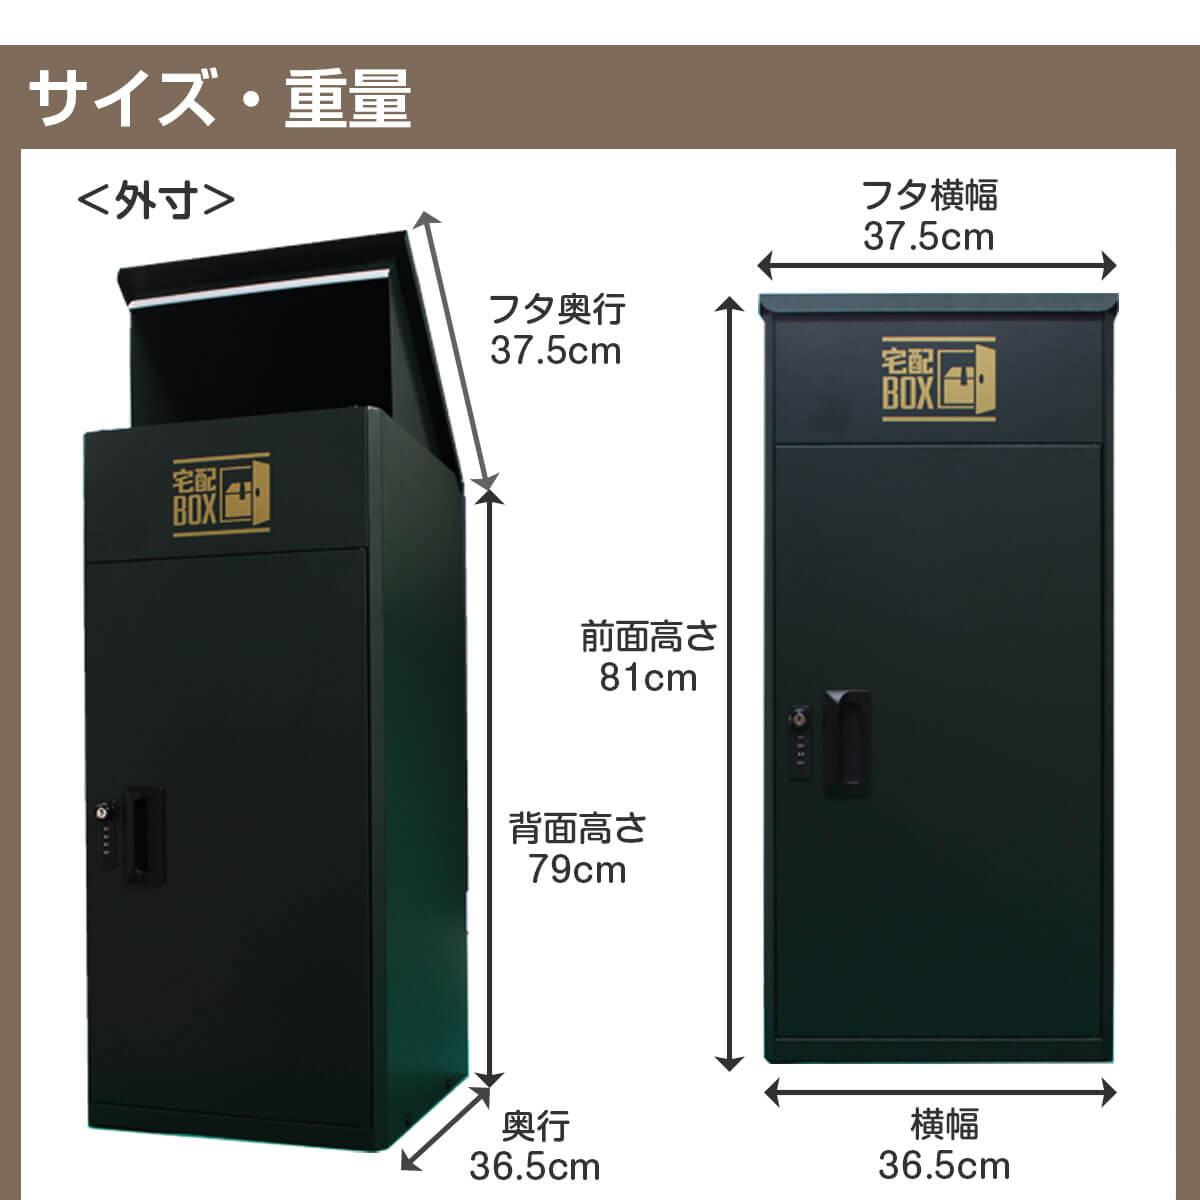 ルスネコボックス®のサイズ寸法1